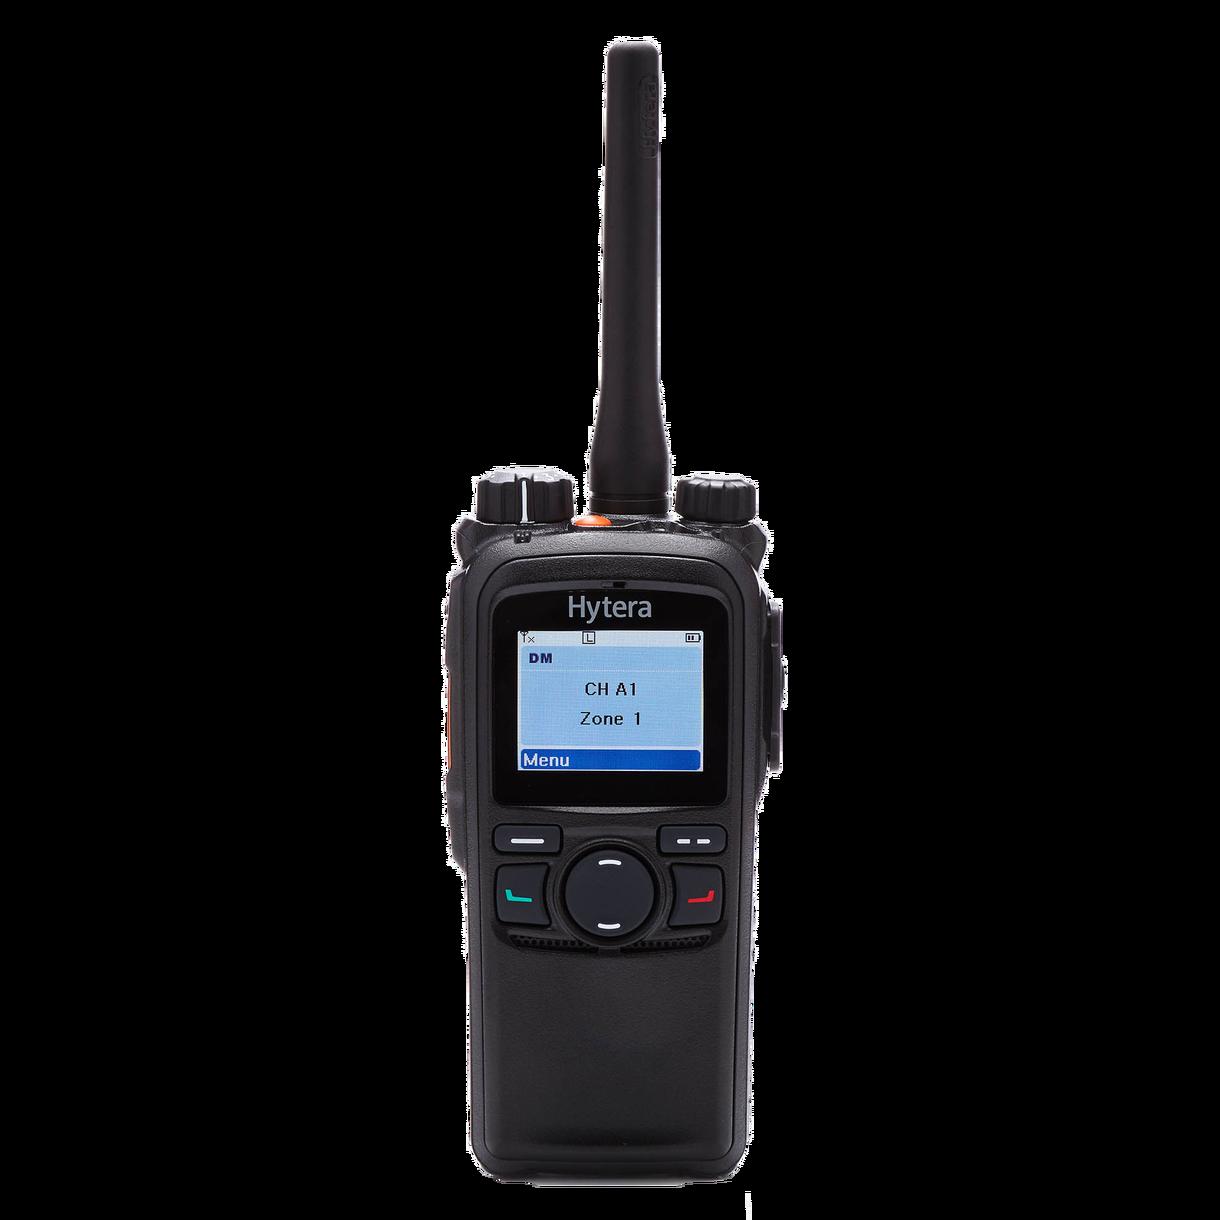 Hytera VHF Digital Radio 1024 CH LCD